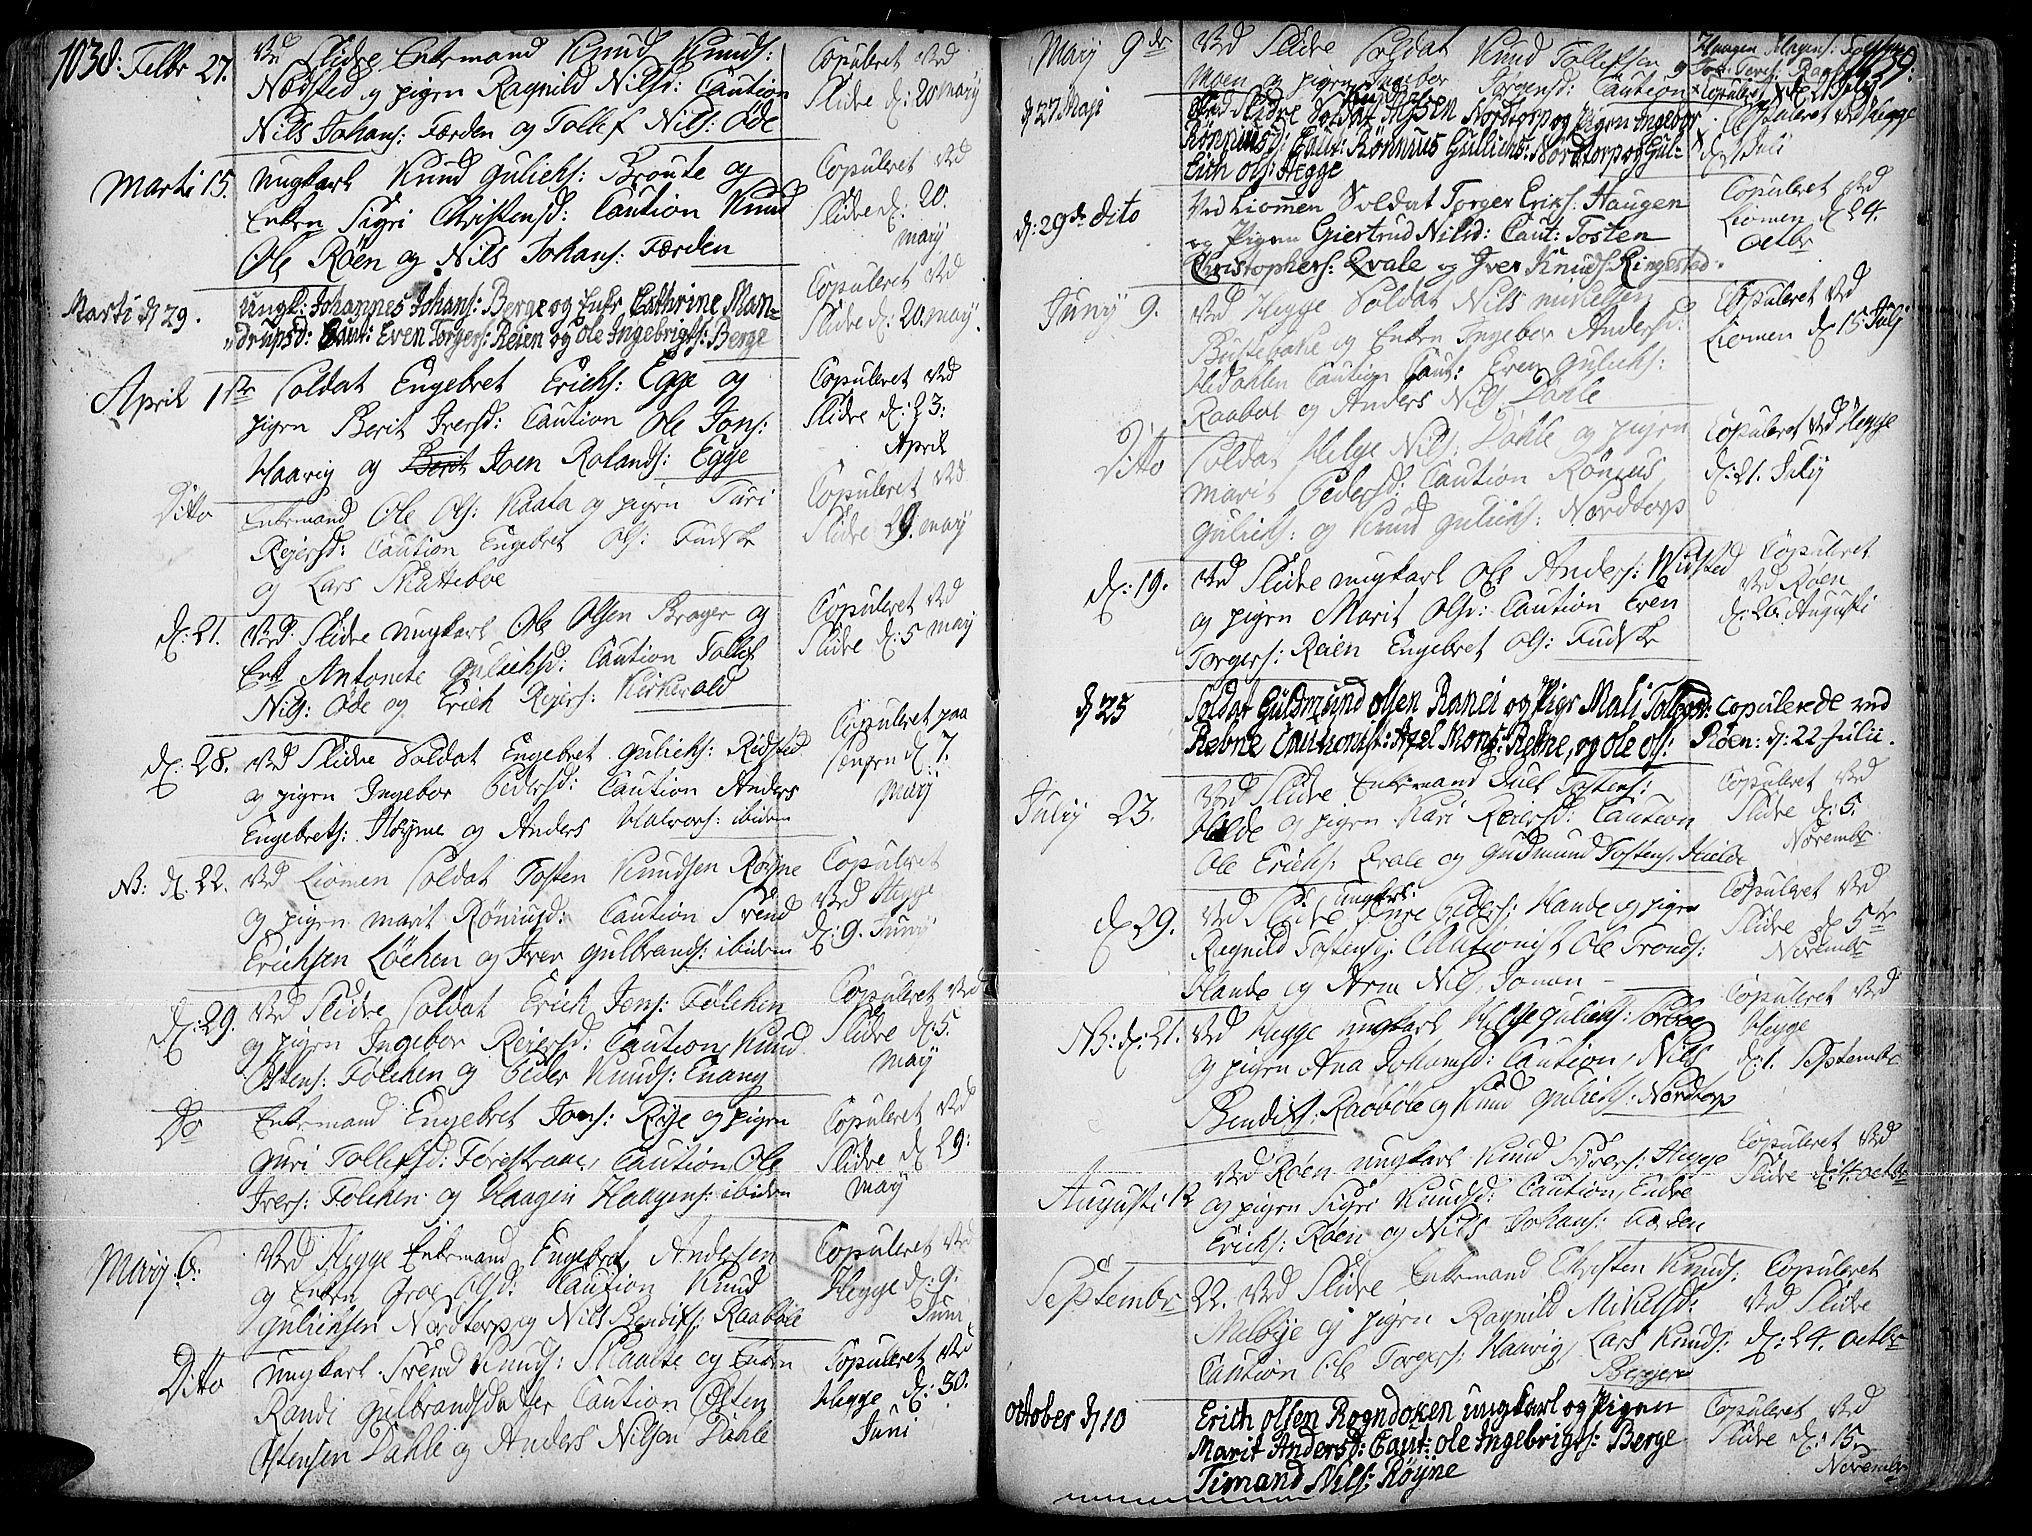 SAH, Slidre prestekontor, Ministerialbok nr. 1, 1724-1814, s. 1038-1039